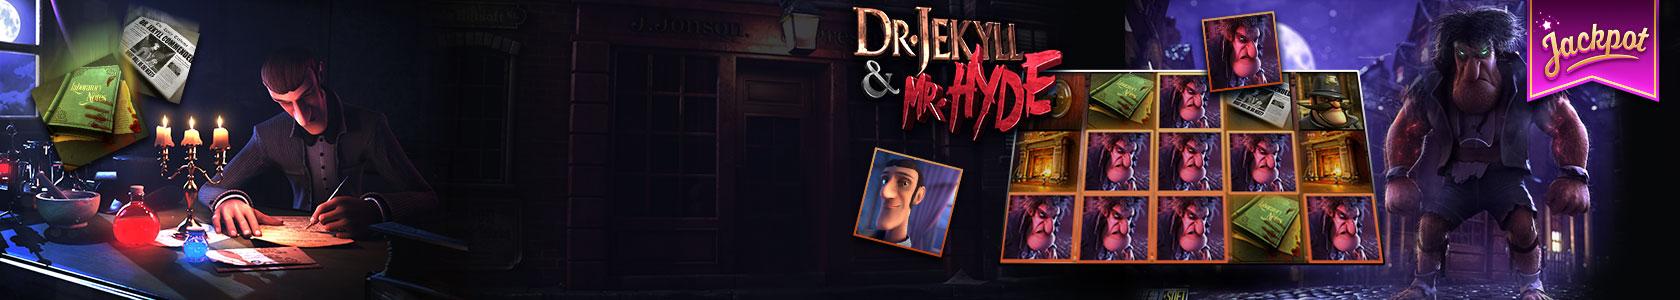 Dr. Jekyll & Mr. Hyde Jetzt Spielen